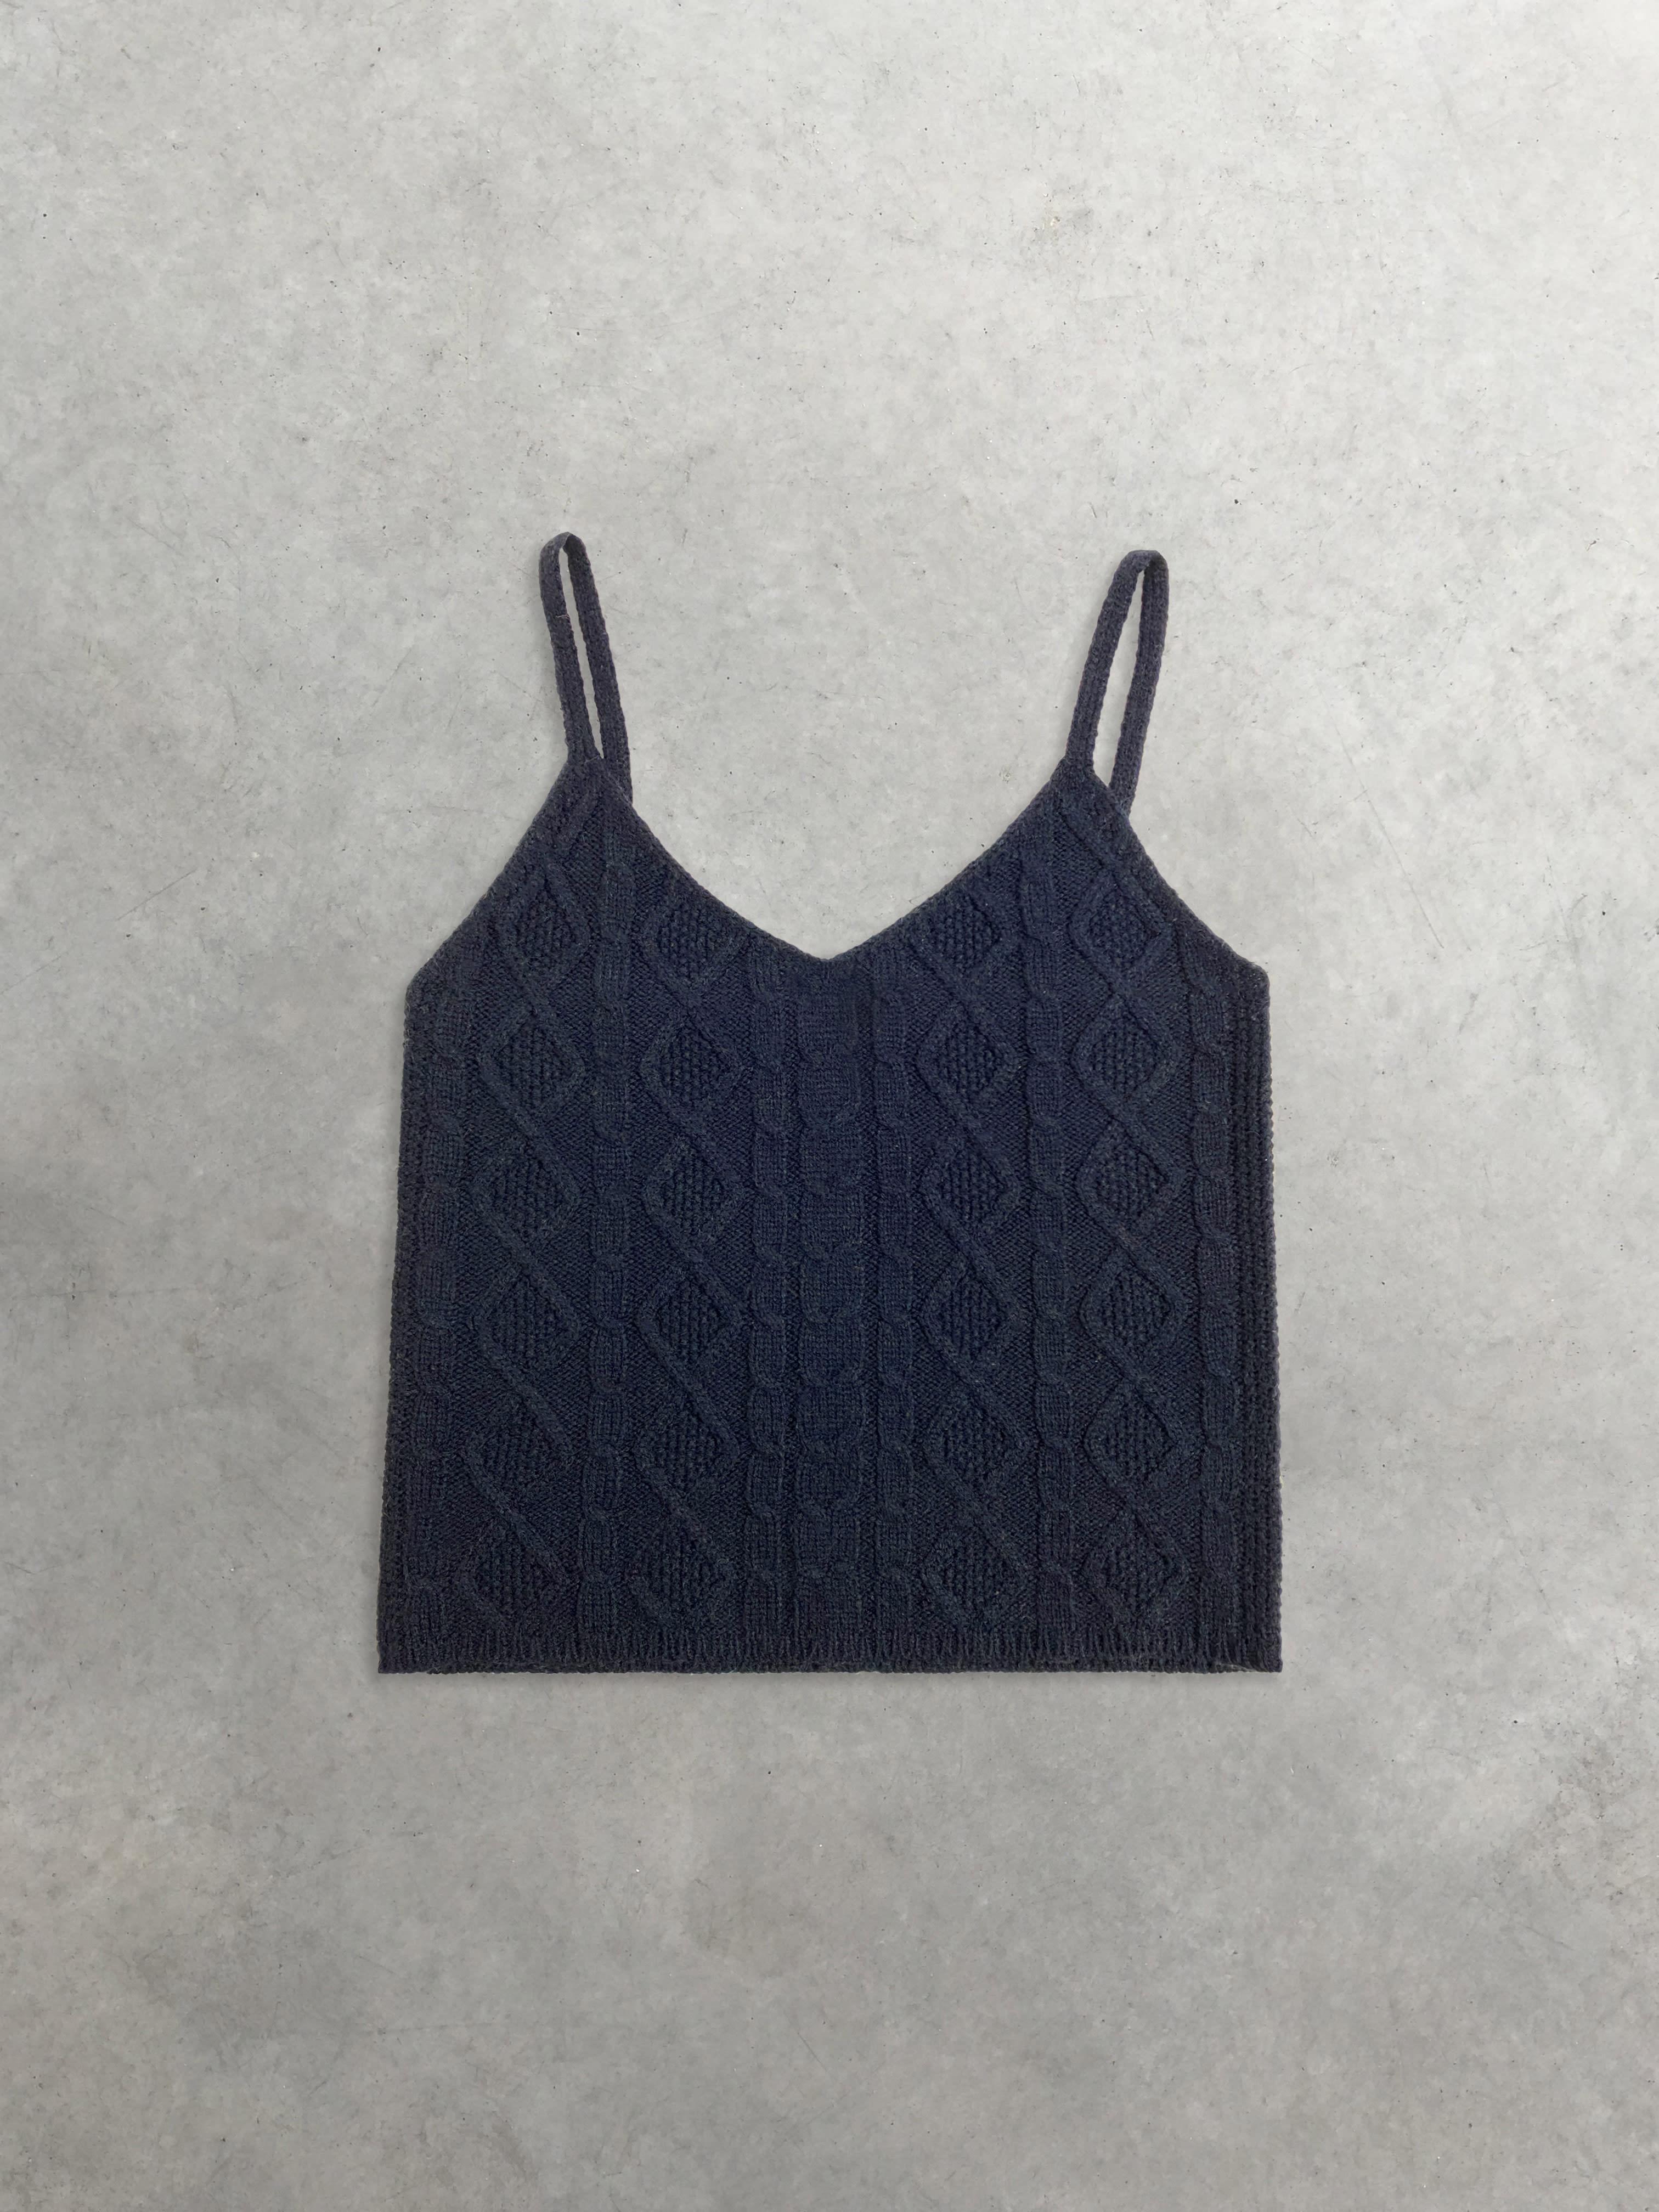 Packshot du produit Débardeur Tricoté Bleu Marine de la catégorie Pull